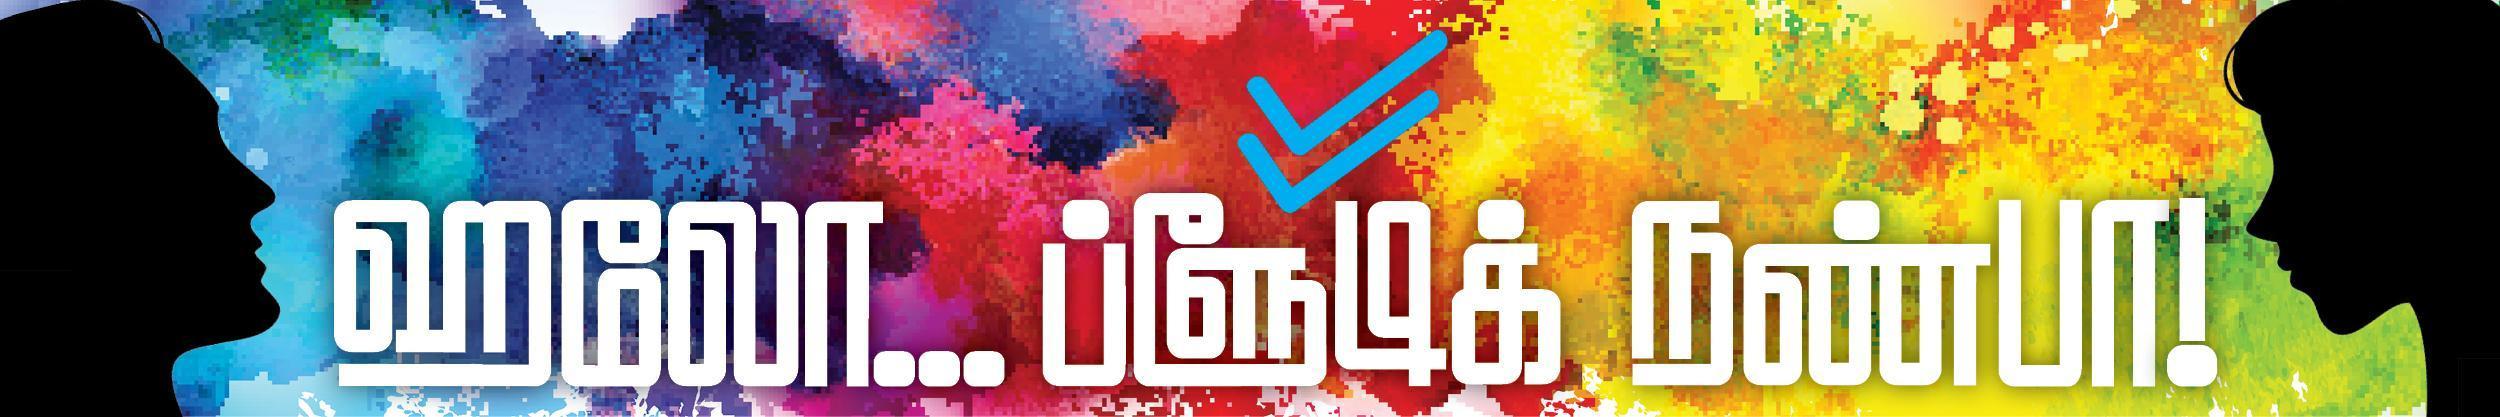 கமல் - ப்ளூ டிக் நண்பா